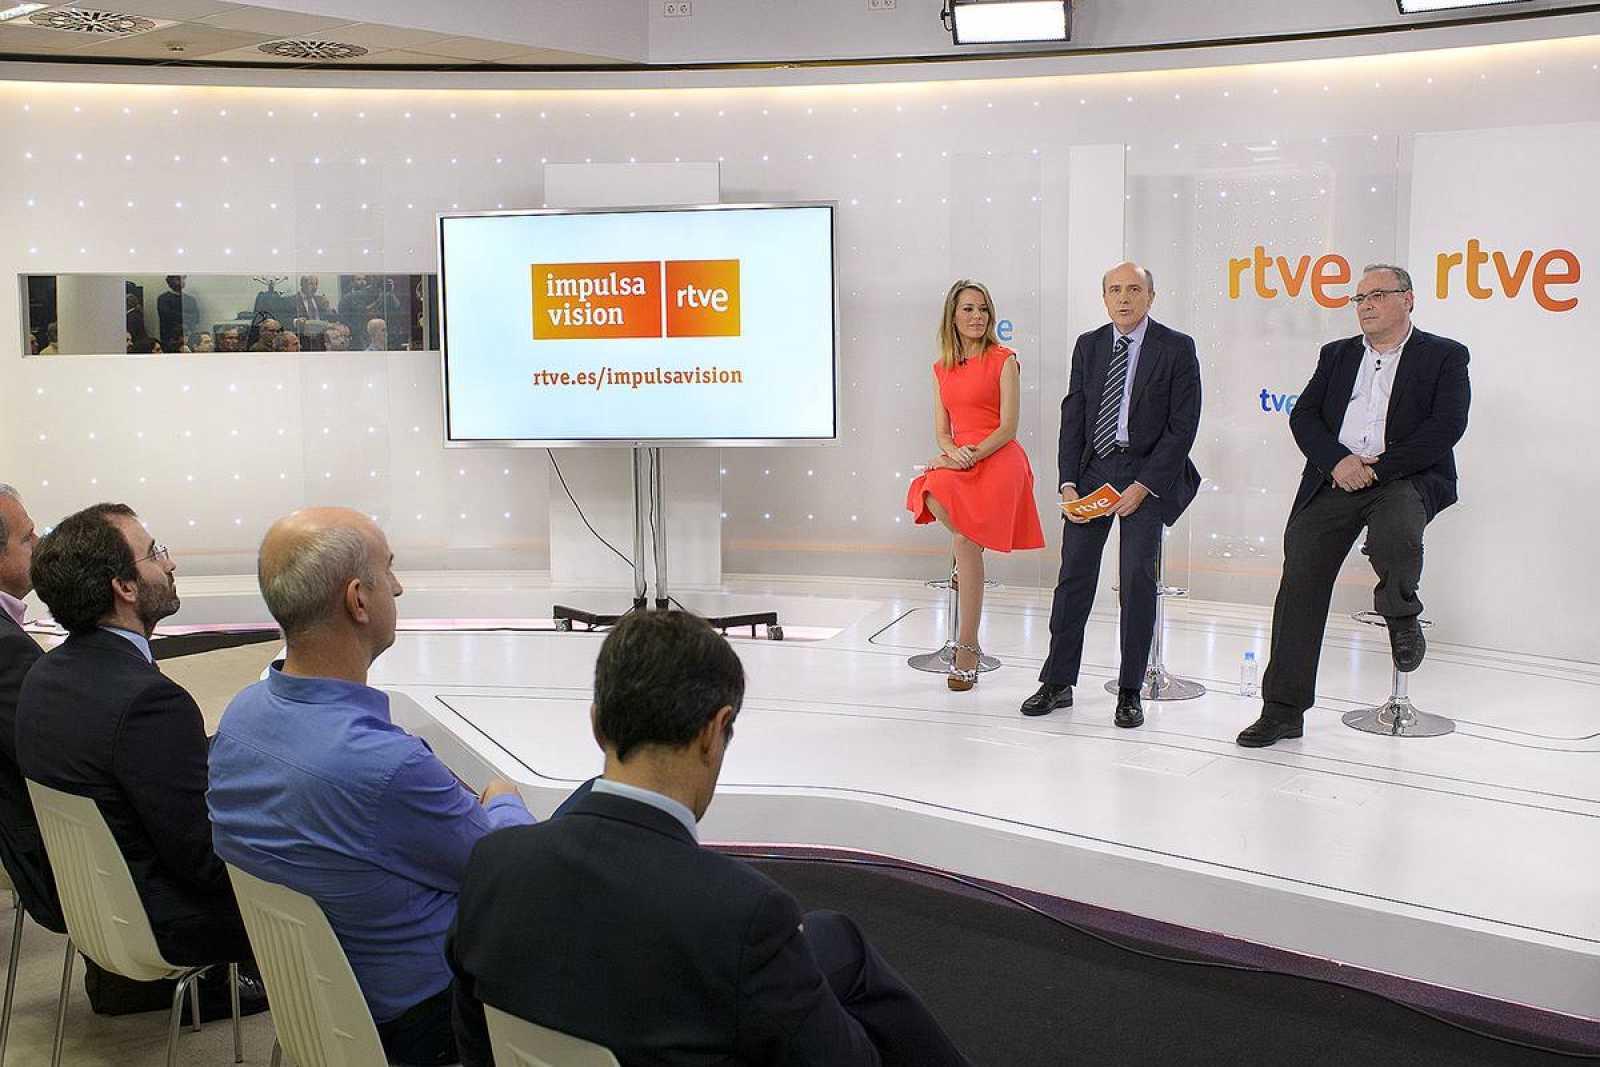 La presentadora de la rueda de prensa, Ana Belén Roy, el director general corporativo de RTVE, Enrique Alejo, y el jefe de la Unidad Gestión del Centro de Innovación de RTVE, Esteban Mayoral, en un momento de la presentación